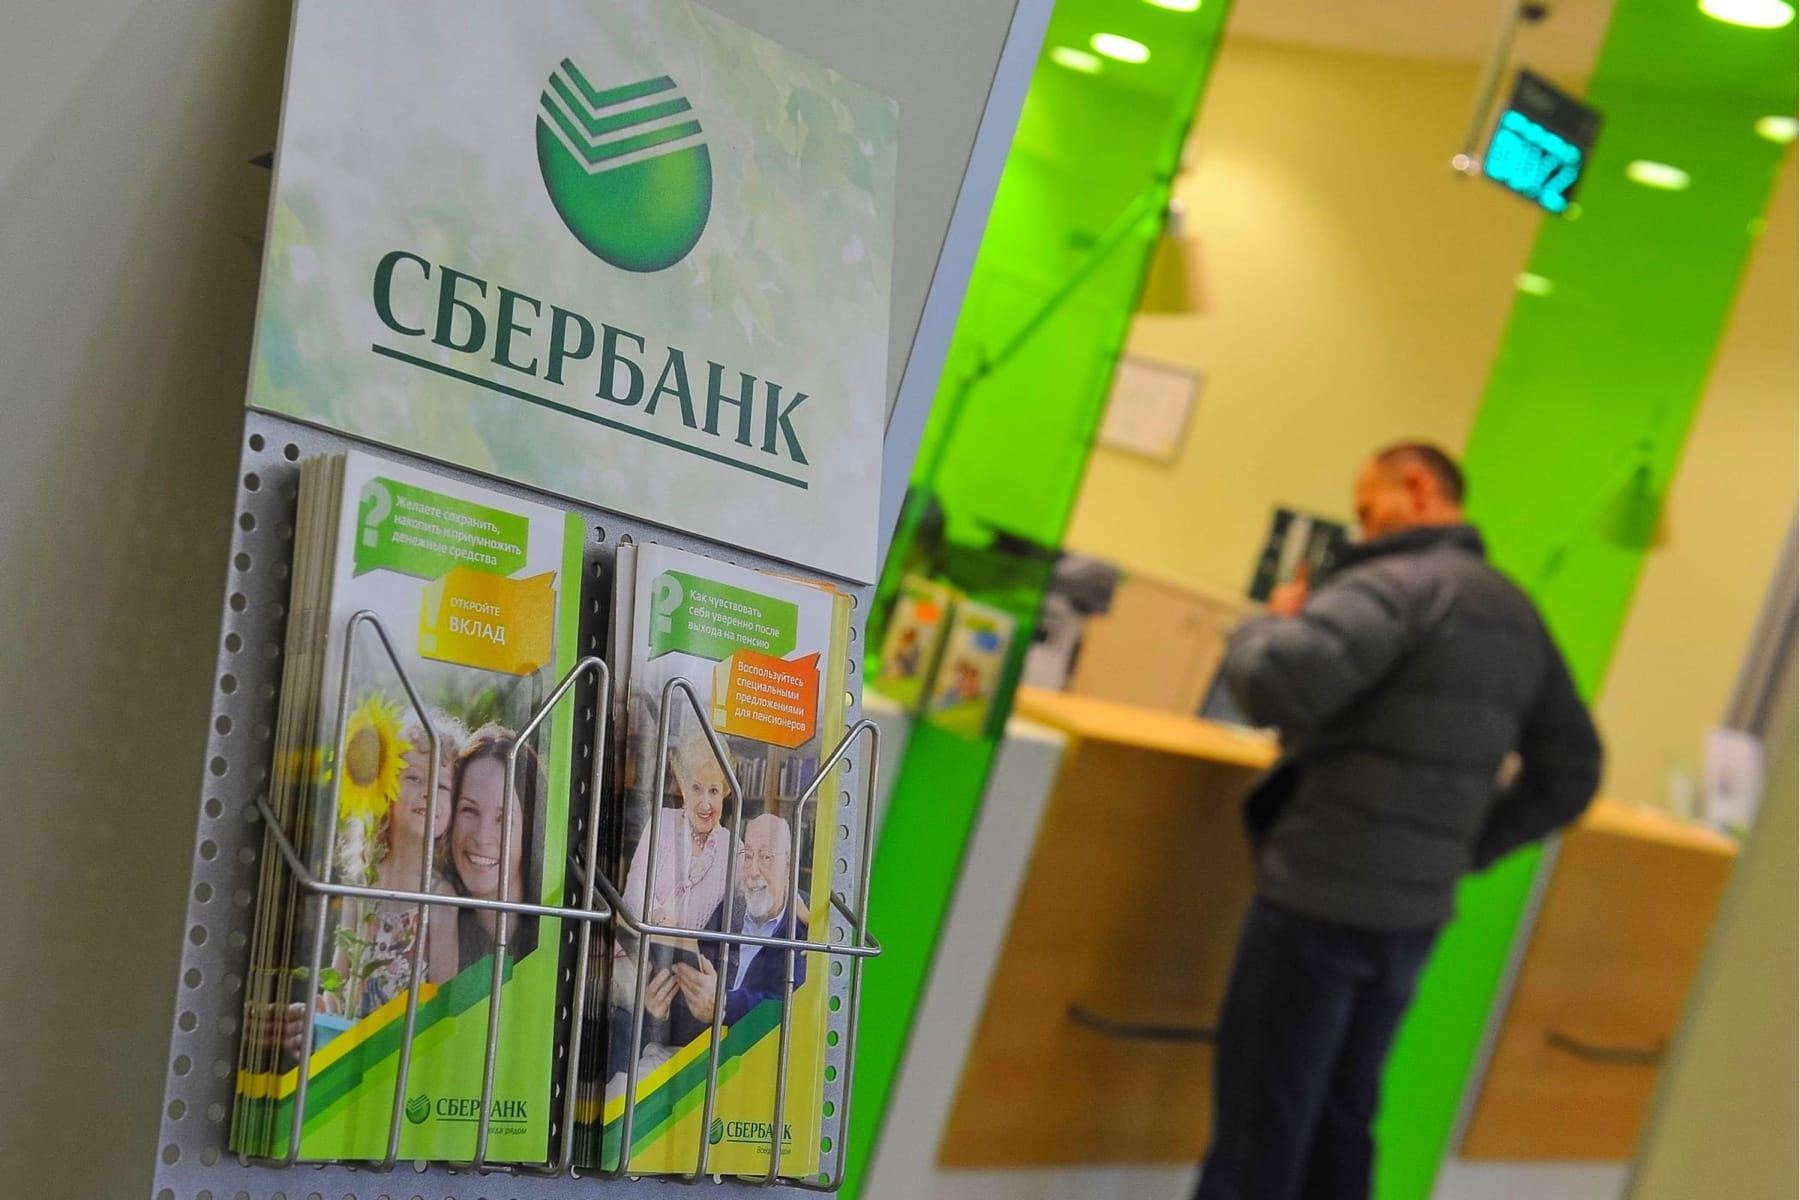 Отп банк заплатить кредит онлайн картой сбербанка через телефон 900